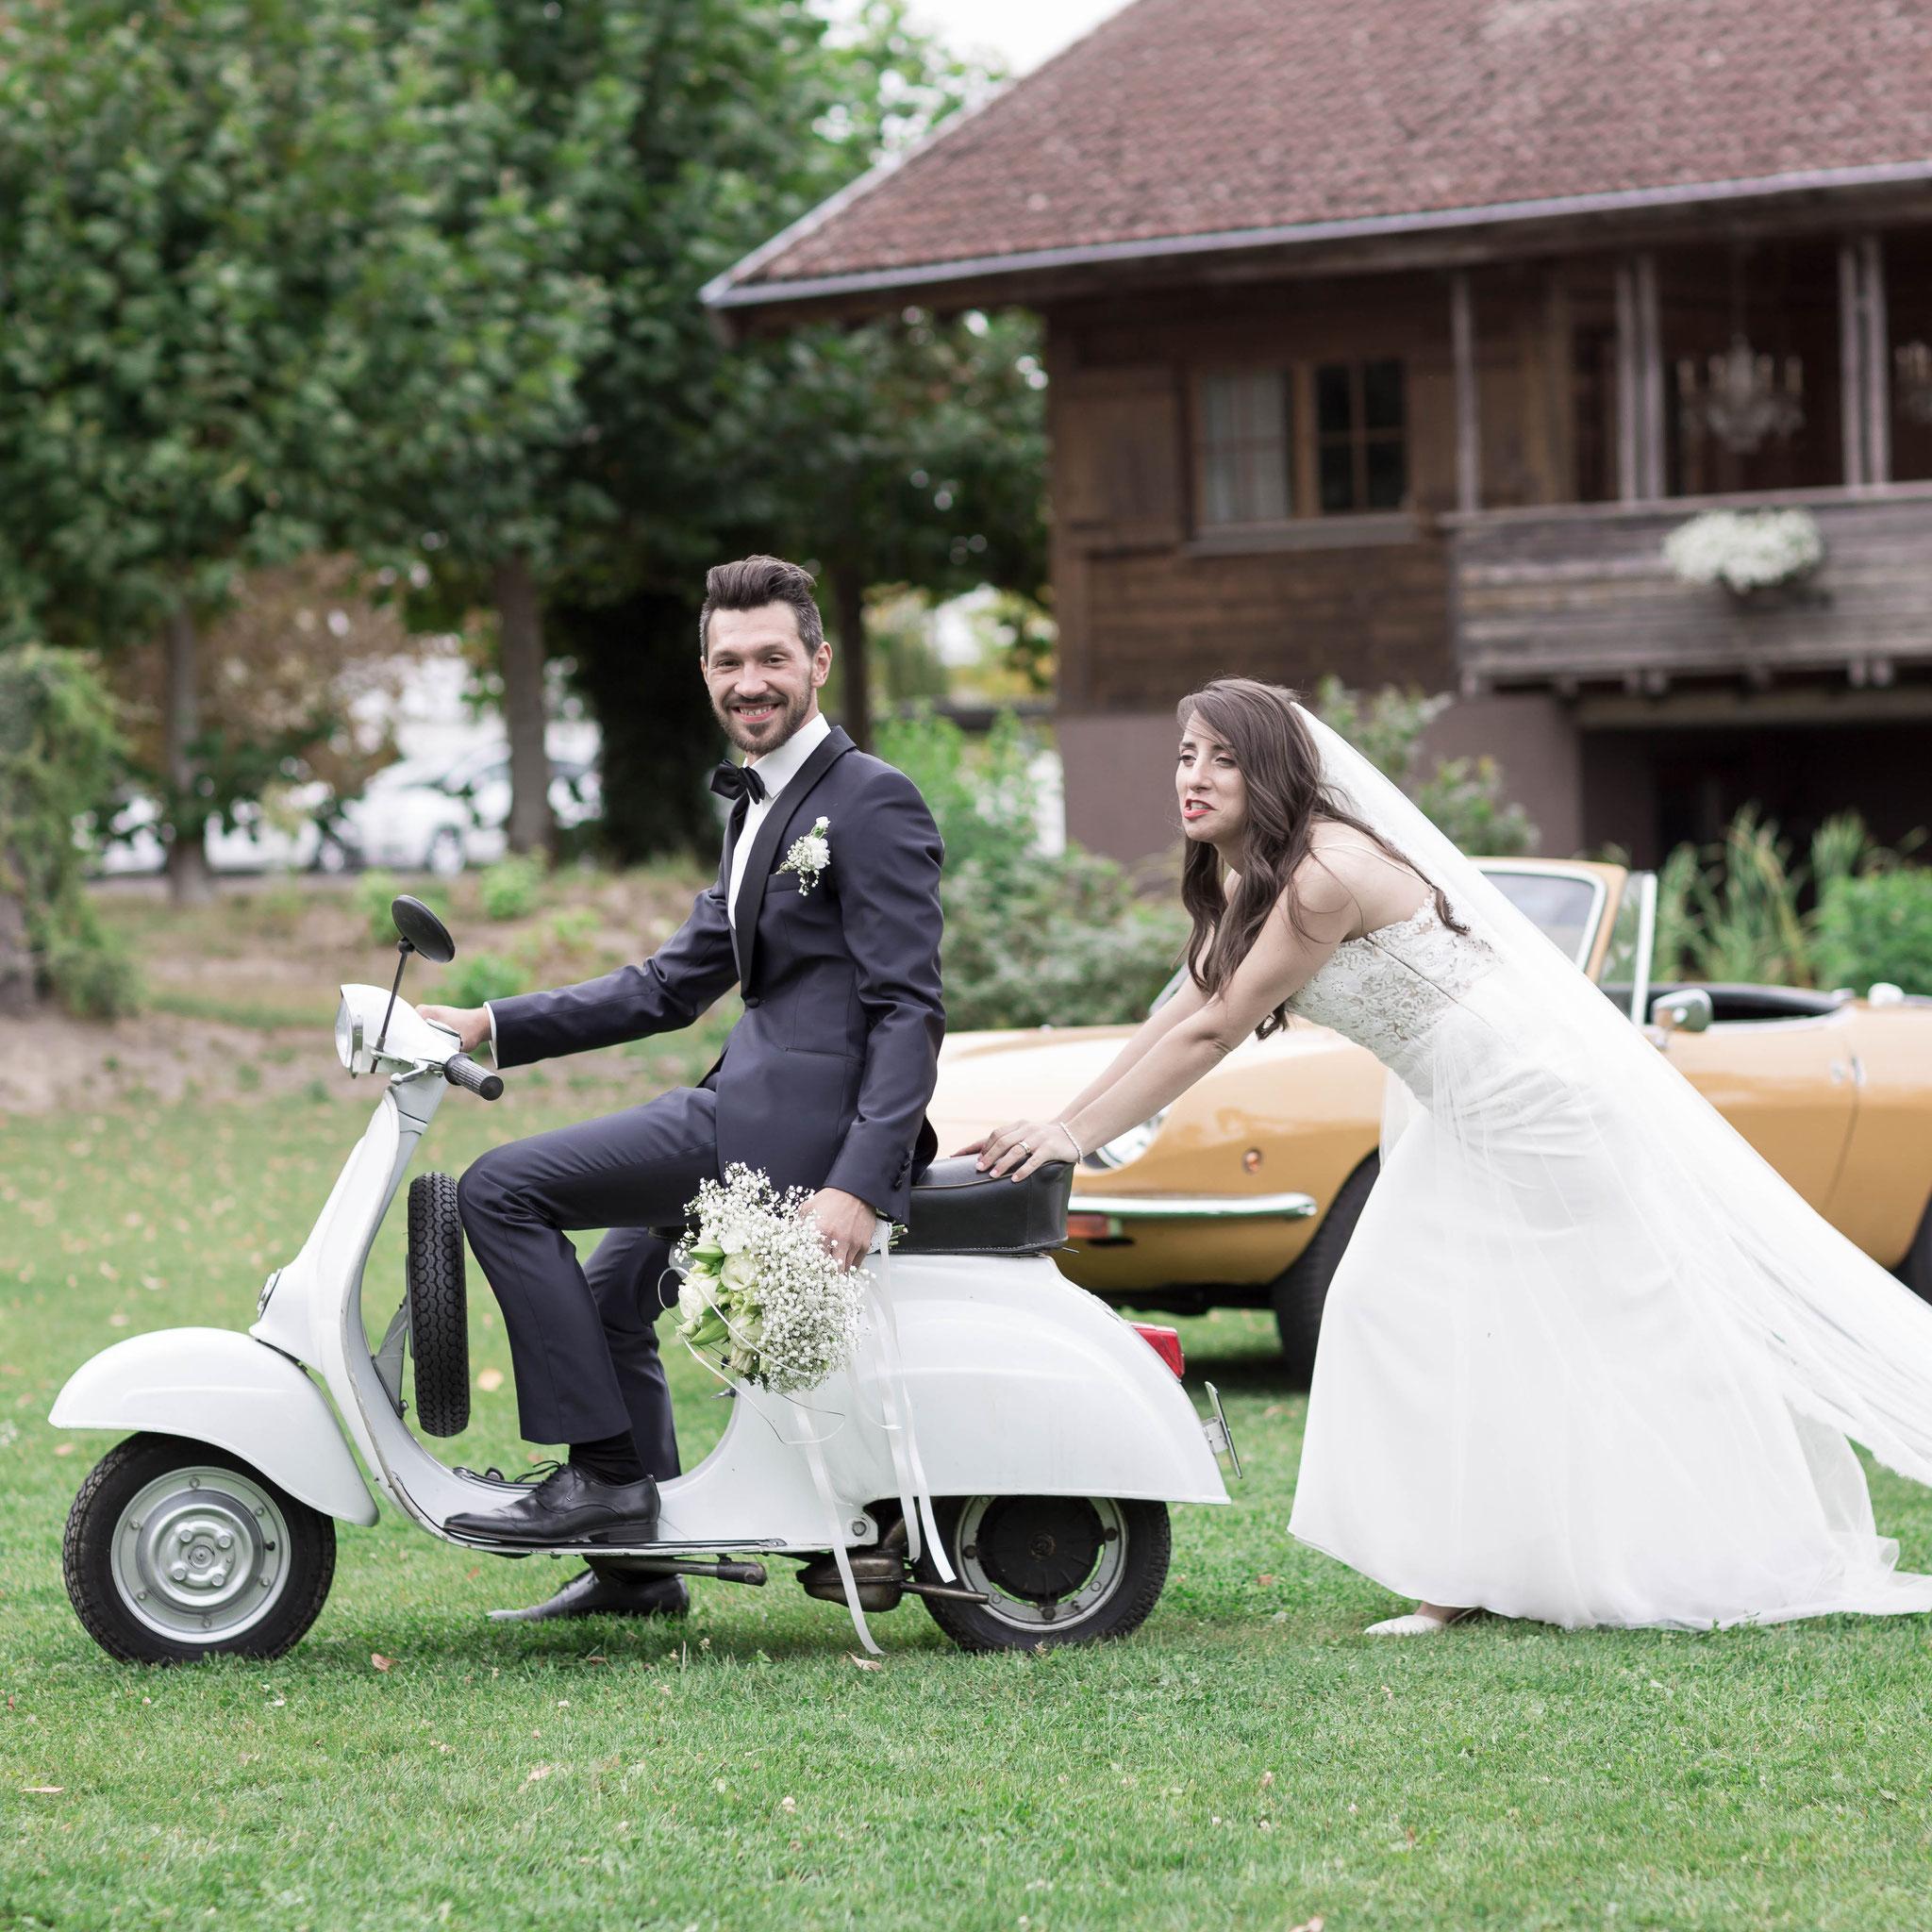 Fotograf für moderne russische Hochzeit in Rodgau